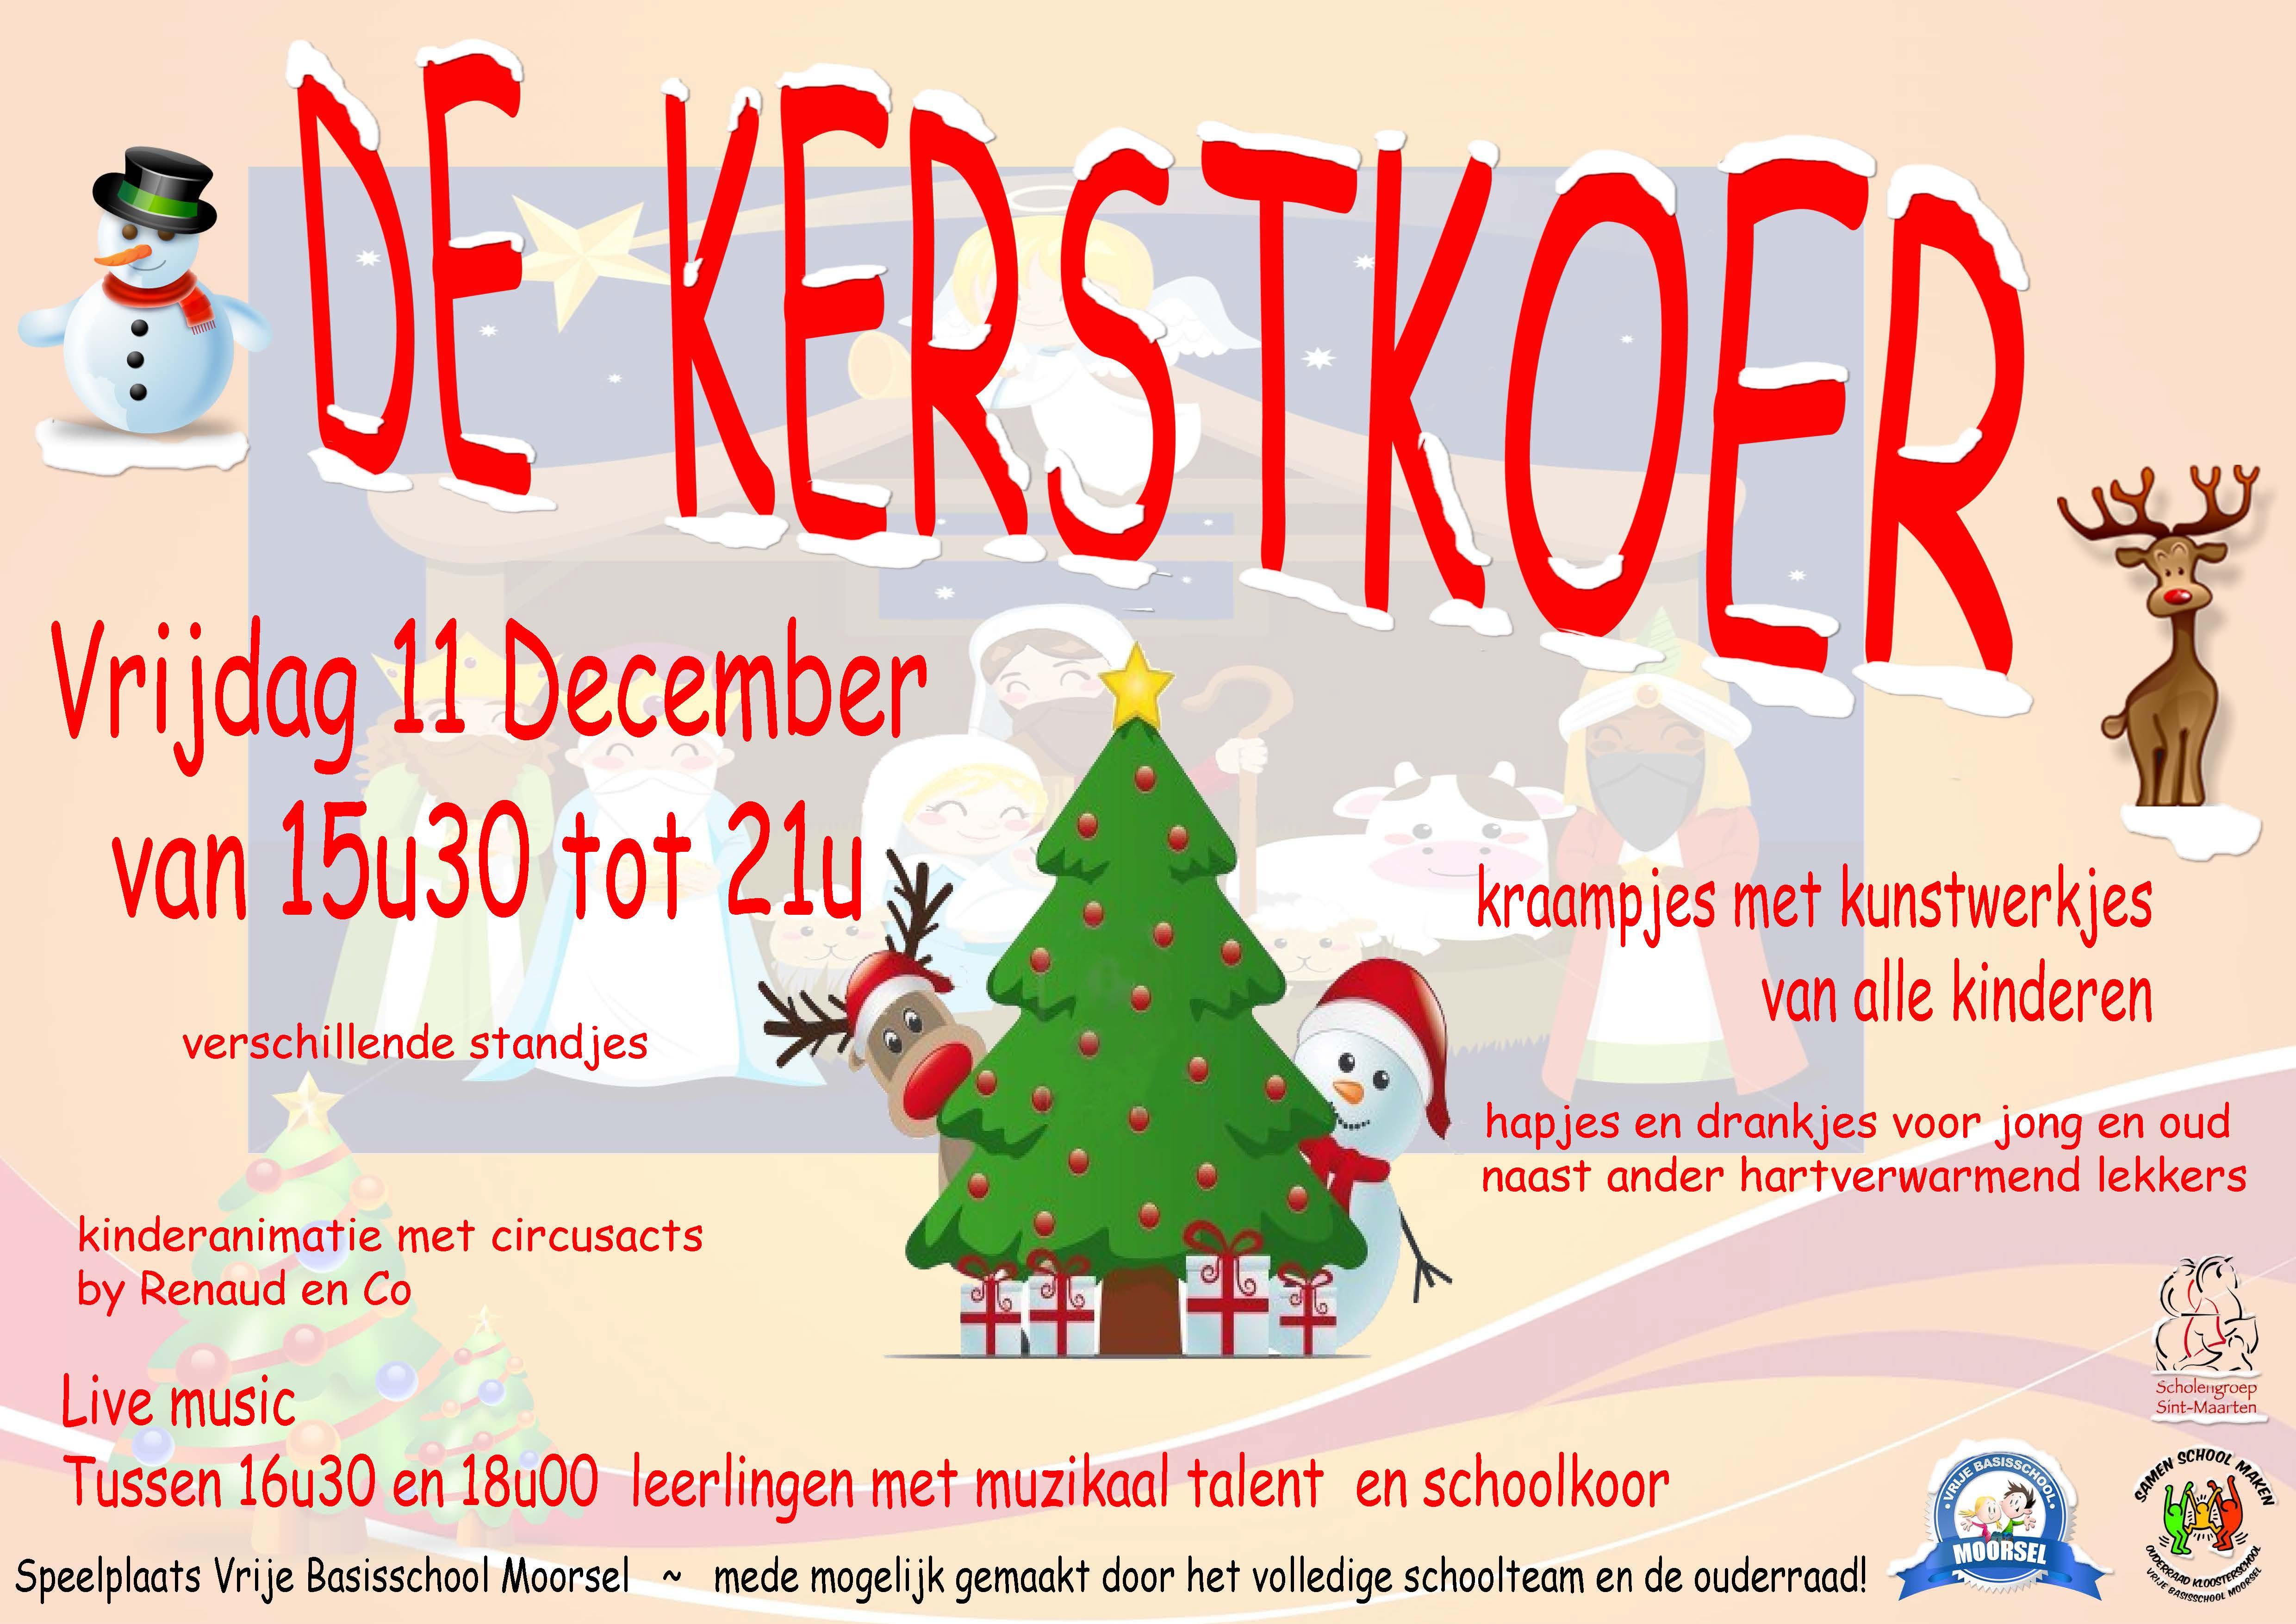 Affiche_kerstkoer_A3_liggend_v3